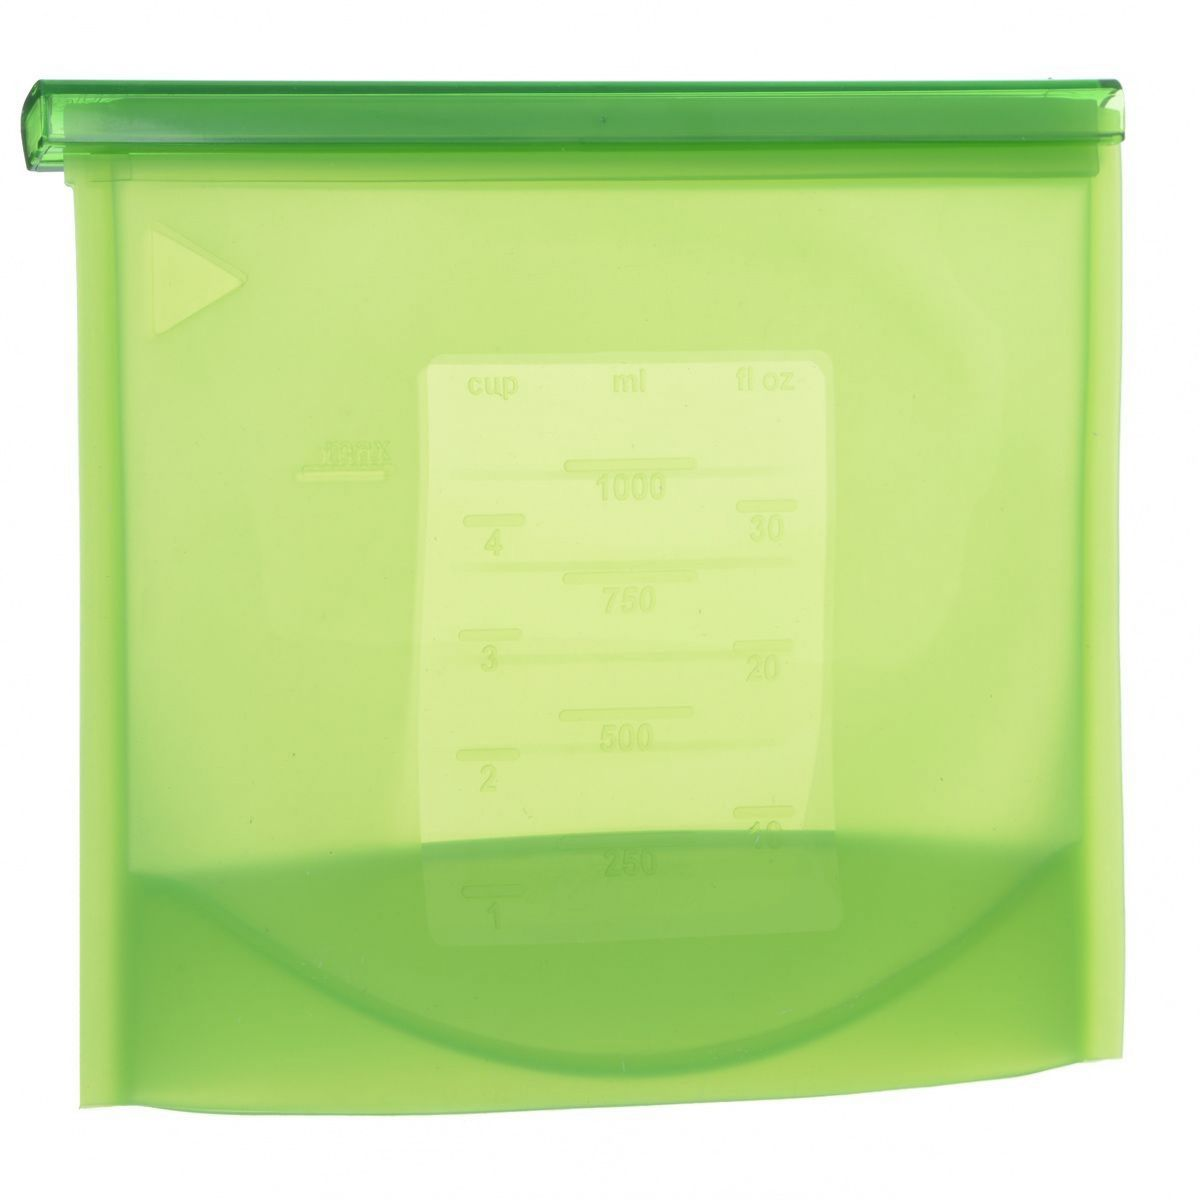 Пакет-контейнер Bradex, силиконовый, 21 х 10 х 18 смTK 0177Многофункциональный силиконовый пакет-контейнер Bradex - это ультрасовременный подход к хранению и приготовлению пищи. Пакет-контейнер выдерживает температуры заморозки до -60°С и разогрева до +220°С. В нем можно замораживать, разогревать и даже готовить вкусные и полезные блюда в микроволновой печи и на пару. Специальная застежка делает пакет абсолютно герметичным, теперь вы сможете забыть о неприятном запахе в холодильнике, а все содержимое будет храниться гораздо дольше. Преимущества: - подходит для хранения фруктов, овощей, ягод, мяса, рыбы и даже жидкостей; - надежная застежка делает пакет-контейнер абсолютно герметичным; - блюда, приготовленные в пакете-контейнере, сохраняют все свои питательные и вкусовые свойства; - пригоден для транспортировки готовых блюд или полуфабрикатов; - позволяет рационально задействовать пространство холодильной и морозильной камер; - на пакете можно сделать надпись маркером, которая легко стирается влажной губкой; - соответствует требованиям FDA; - выполнен из прочного и долговечного материала, легко моется; - снабжен мерной шкалой в чашах, миллилитрах и жидких унциях.